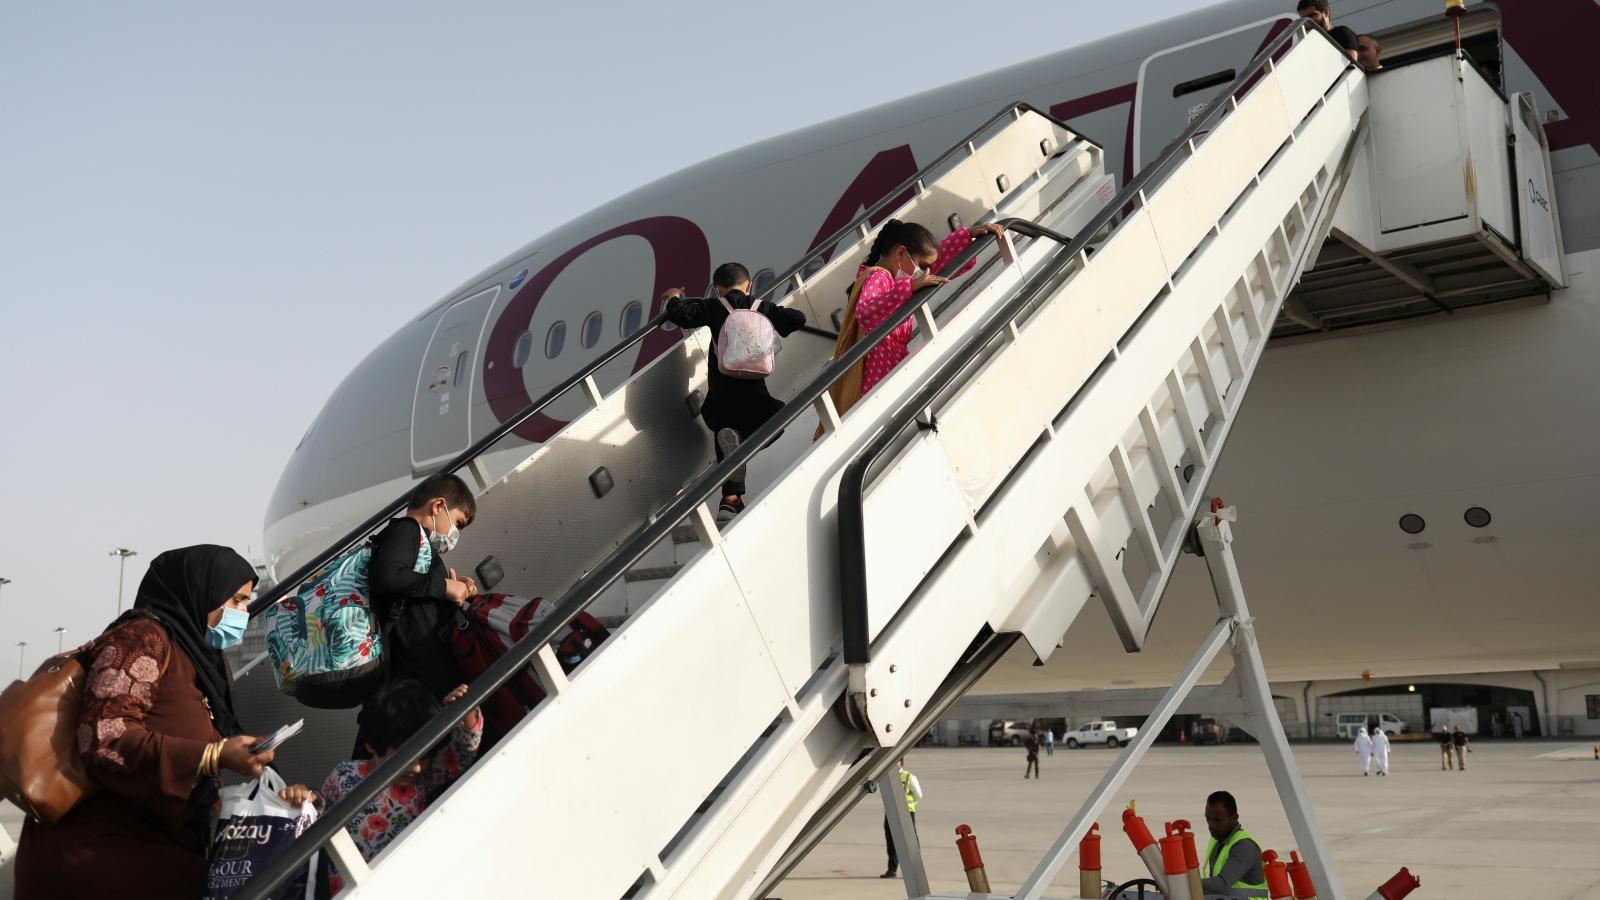 Chuyến bay thương mại thứ 2 cất cánh từ thủ đô Kabul